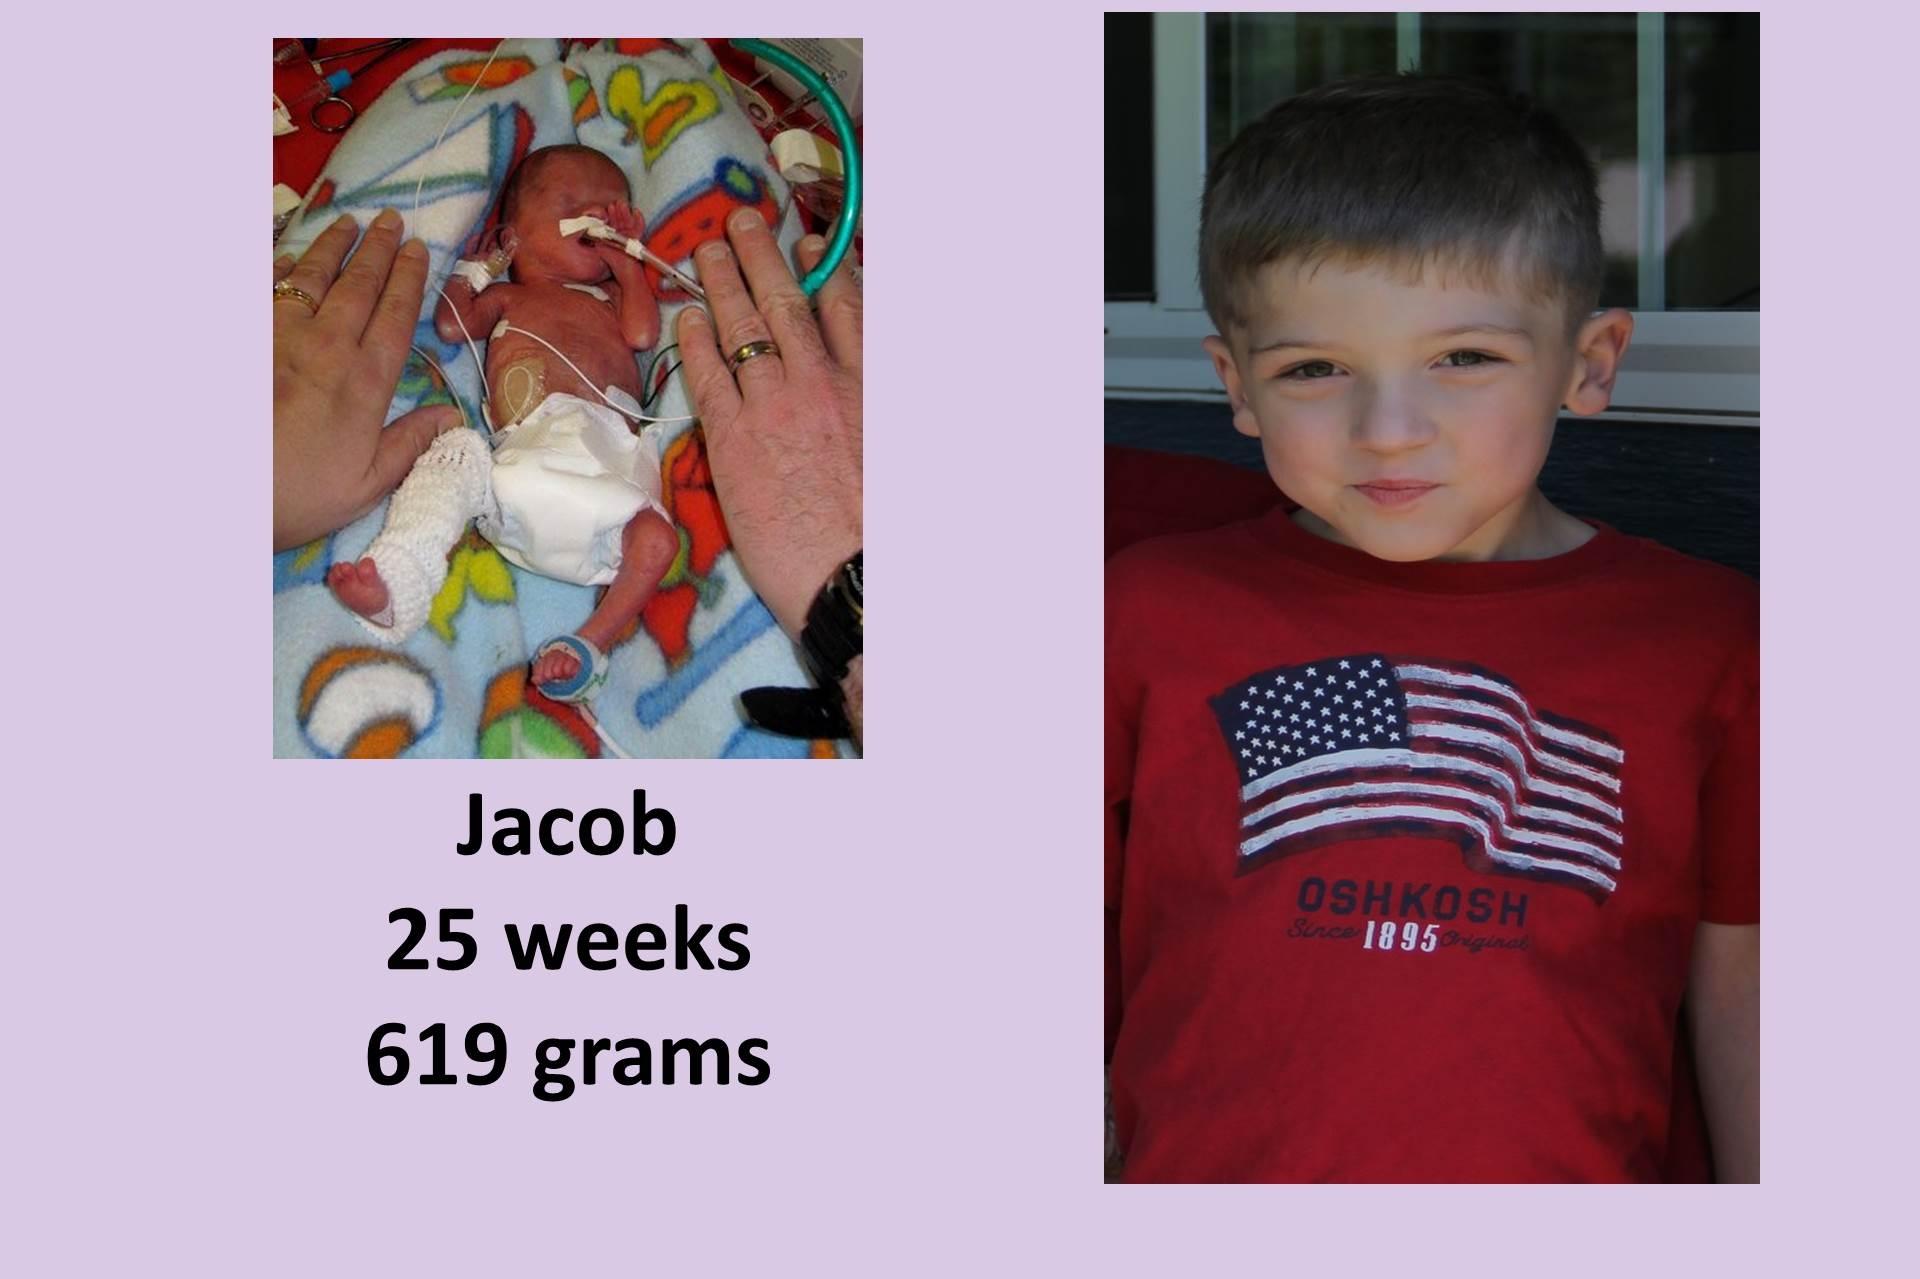 Hallway of hope: Jacob